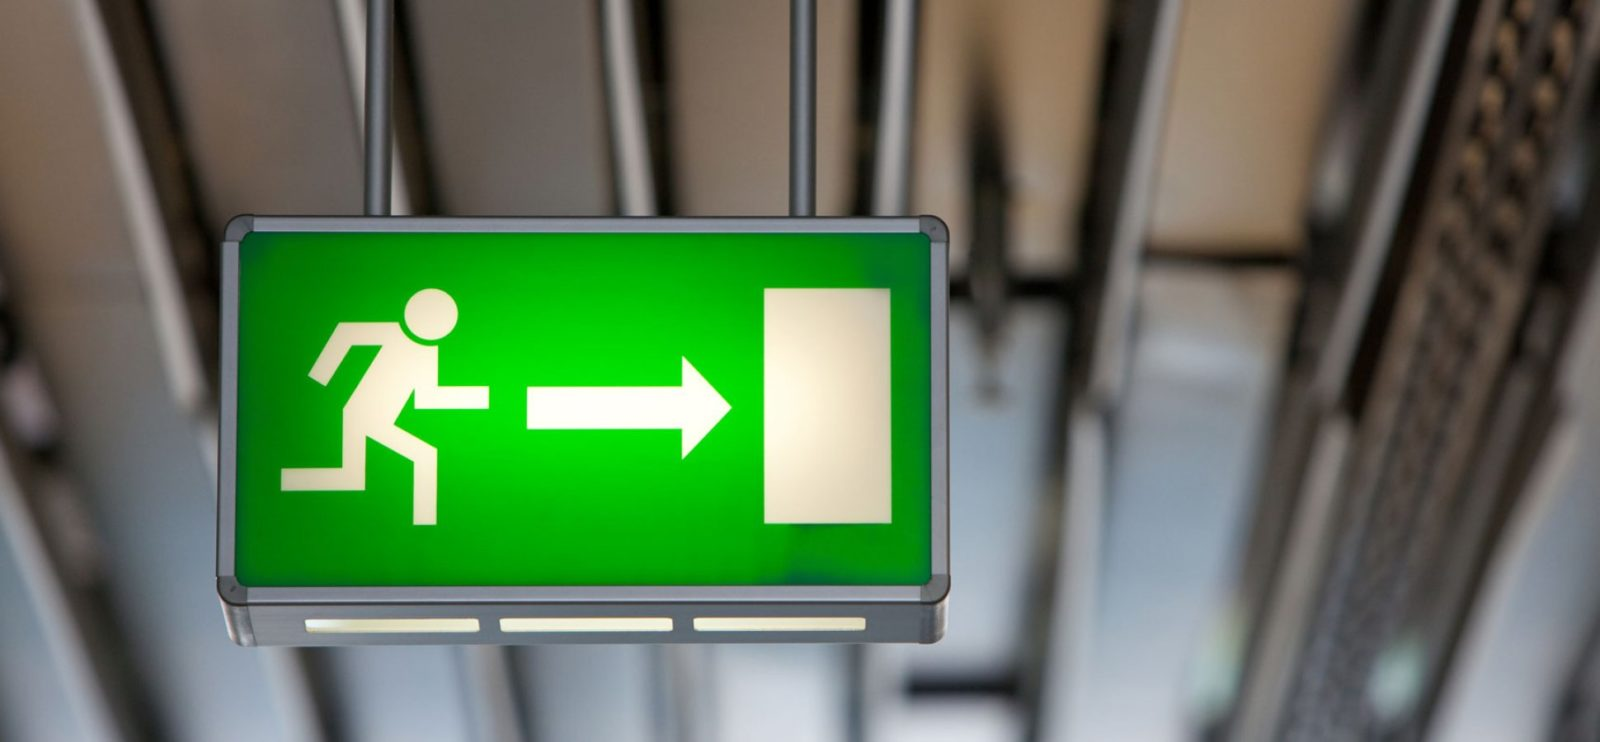 Требования пожарной безопасности к эвакуационным выходам: как найти выход, если проект не принимают?